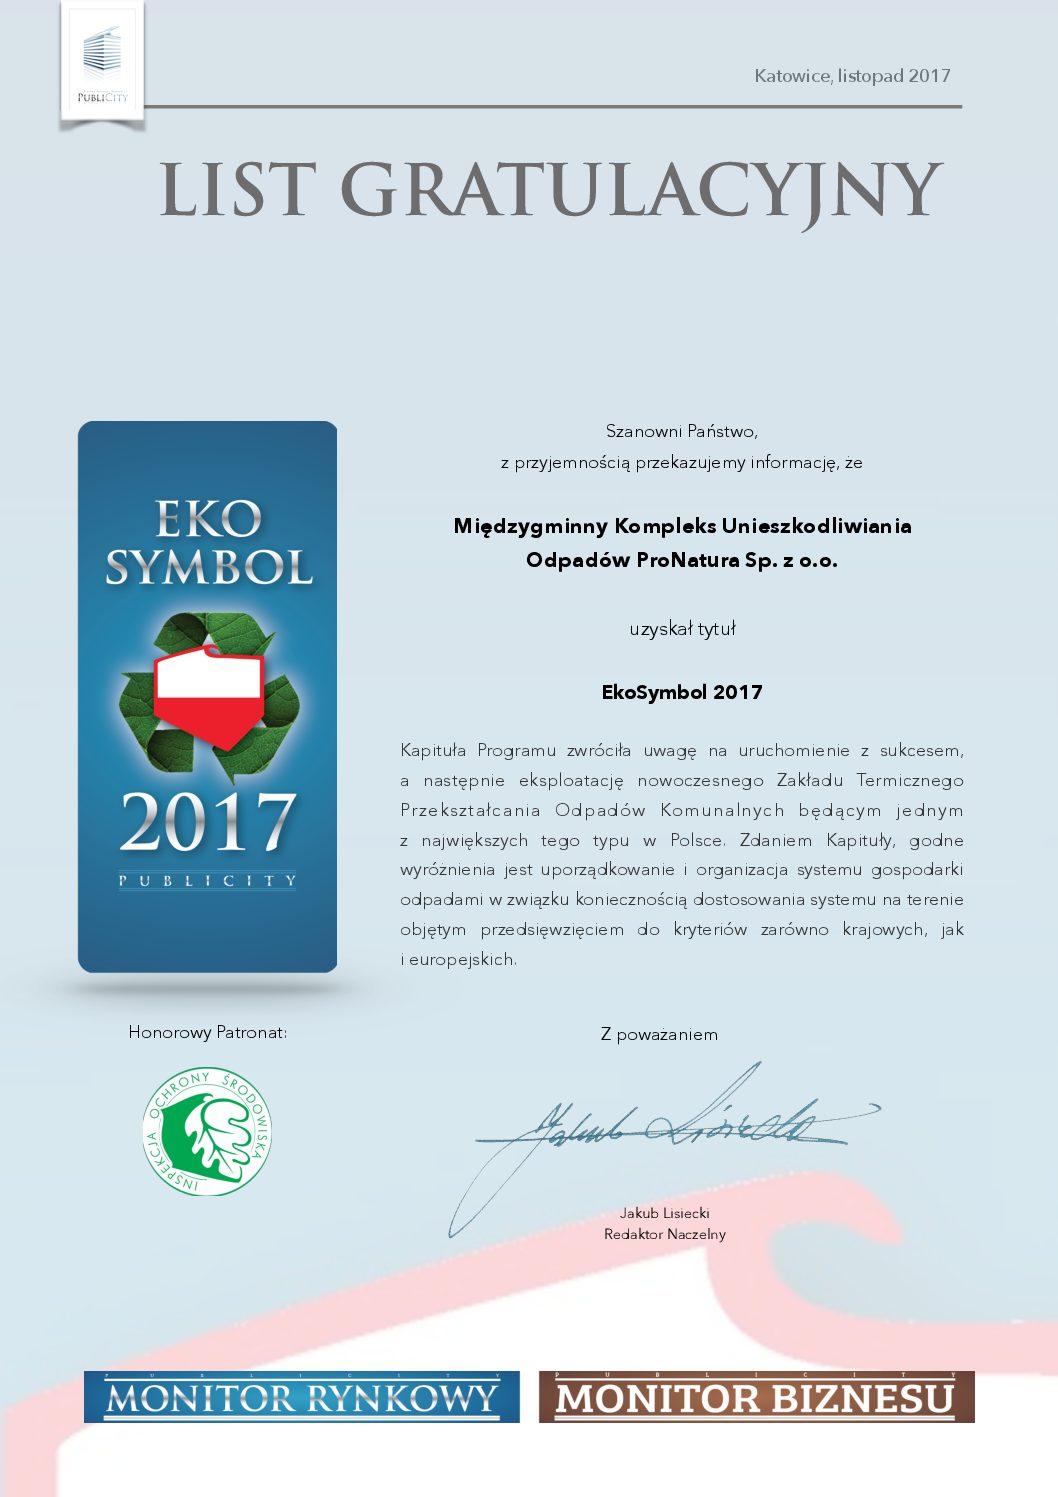 ProNatura wyróżniona EkoSymbolem 2017